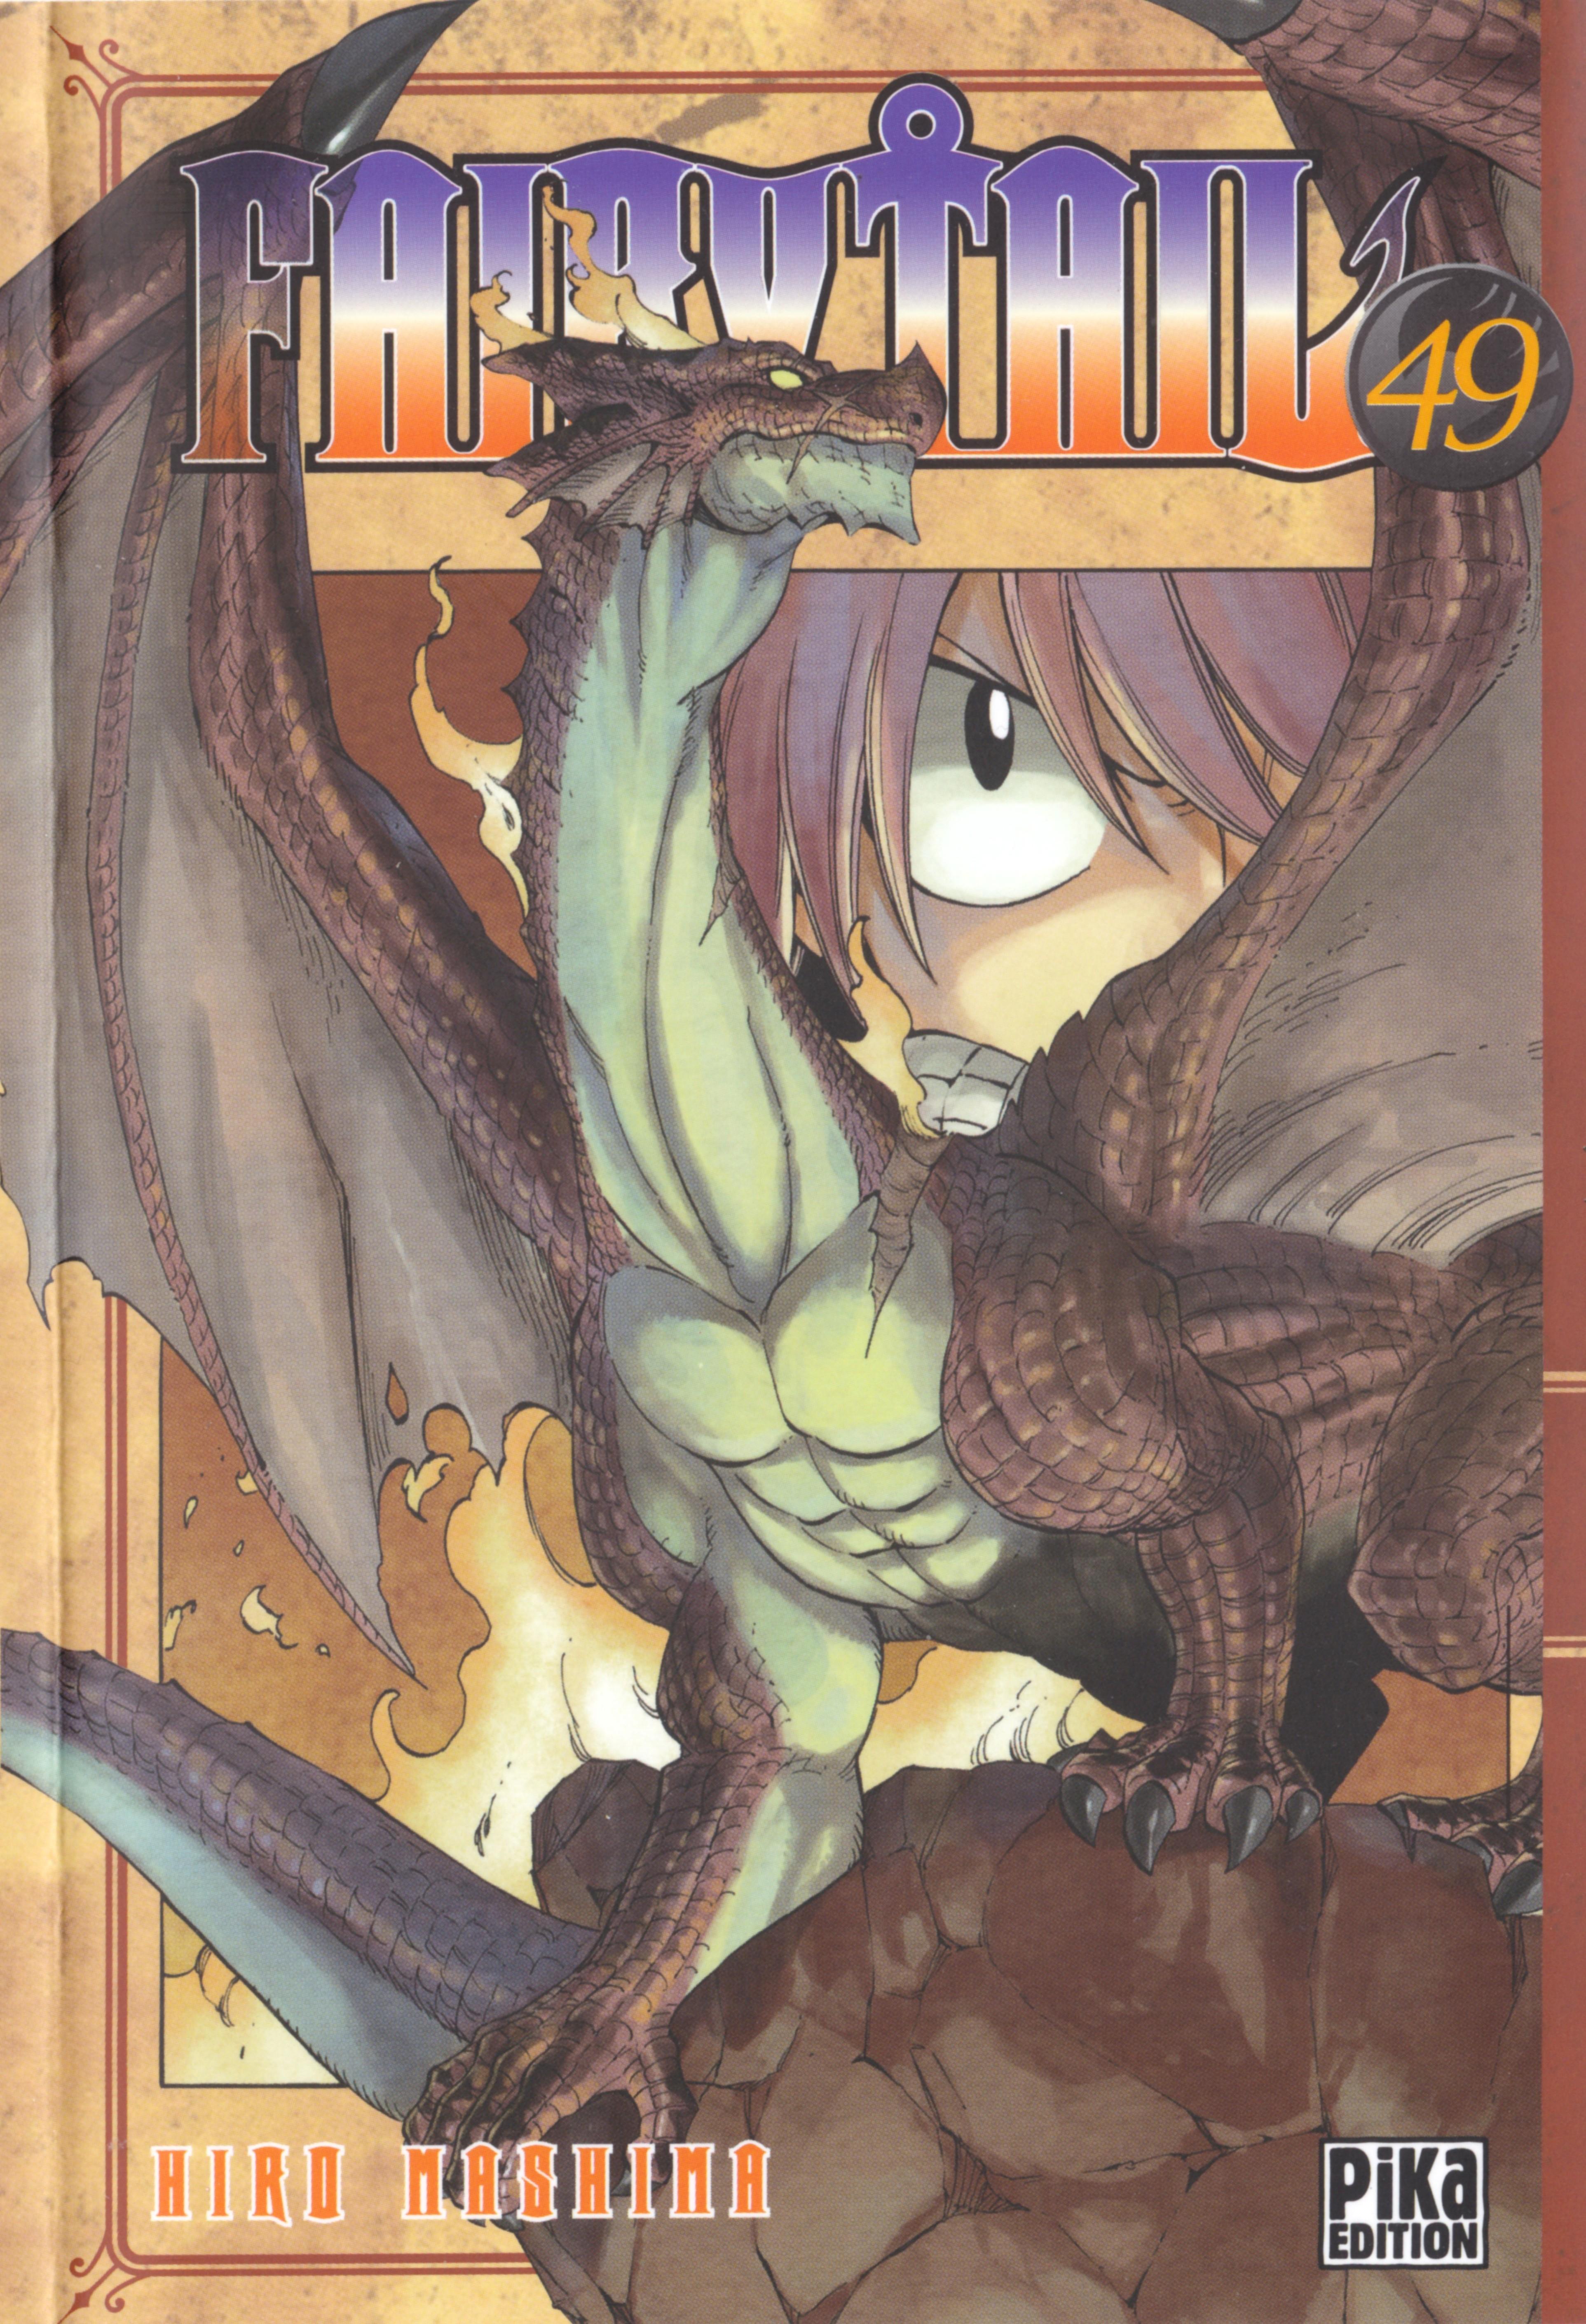 Igneel (FAIRY TAIL) - Zerochan Anime Image Board